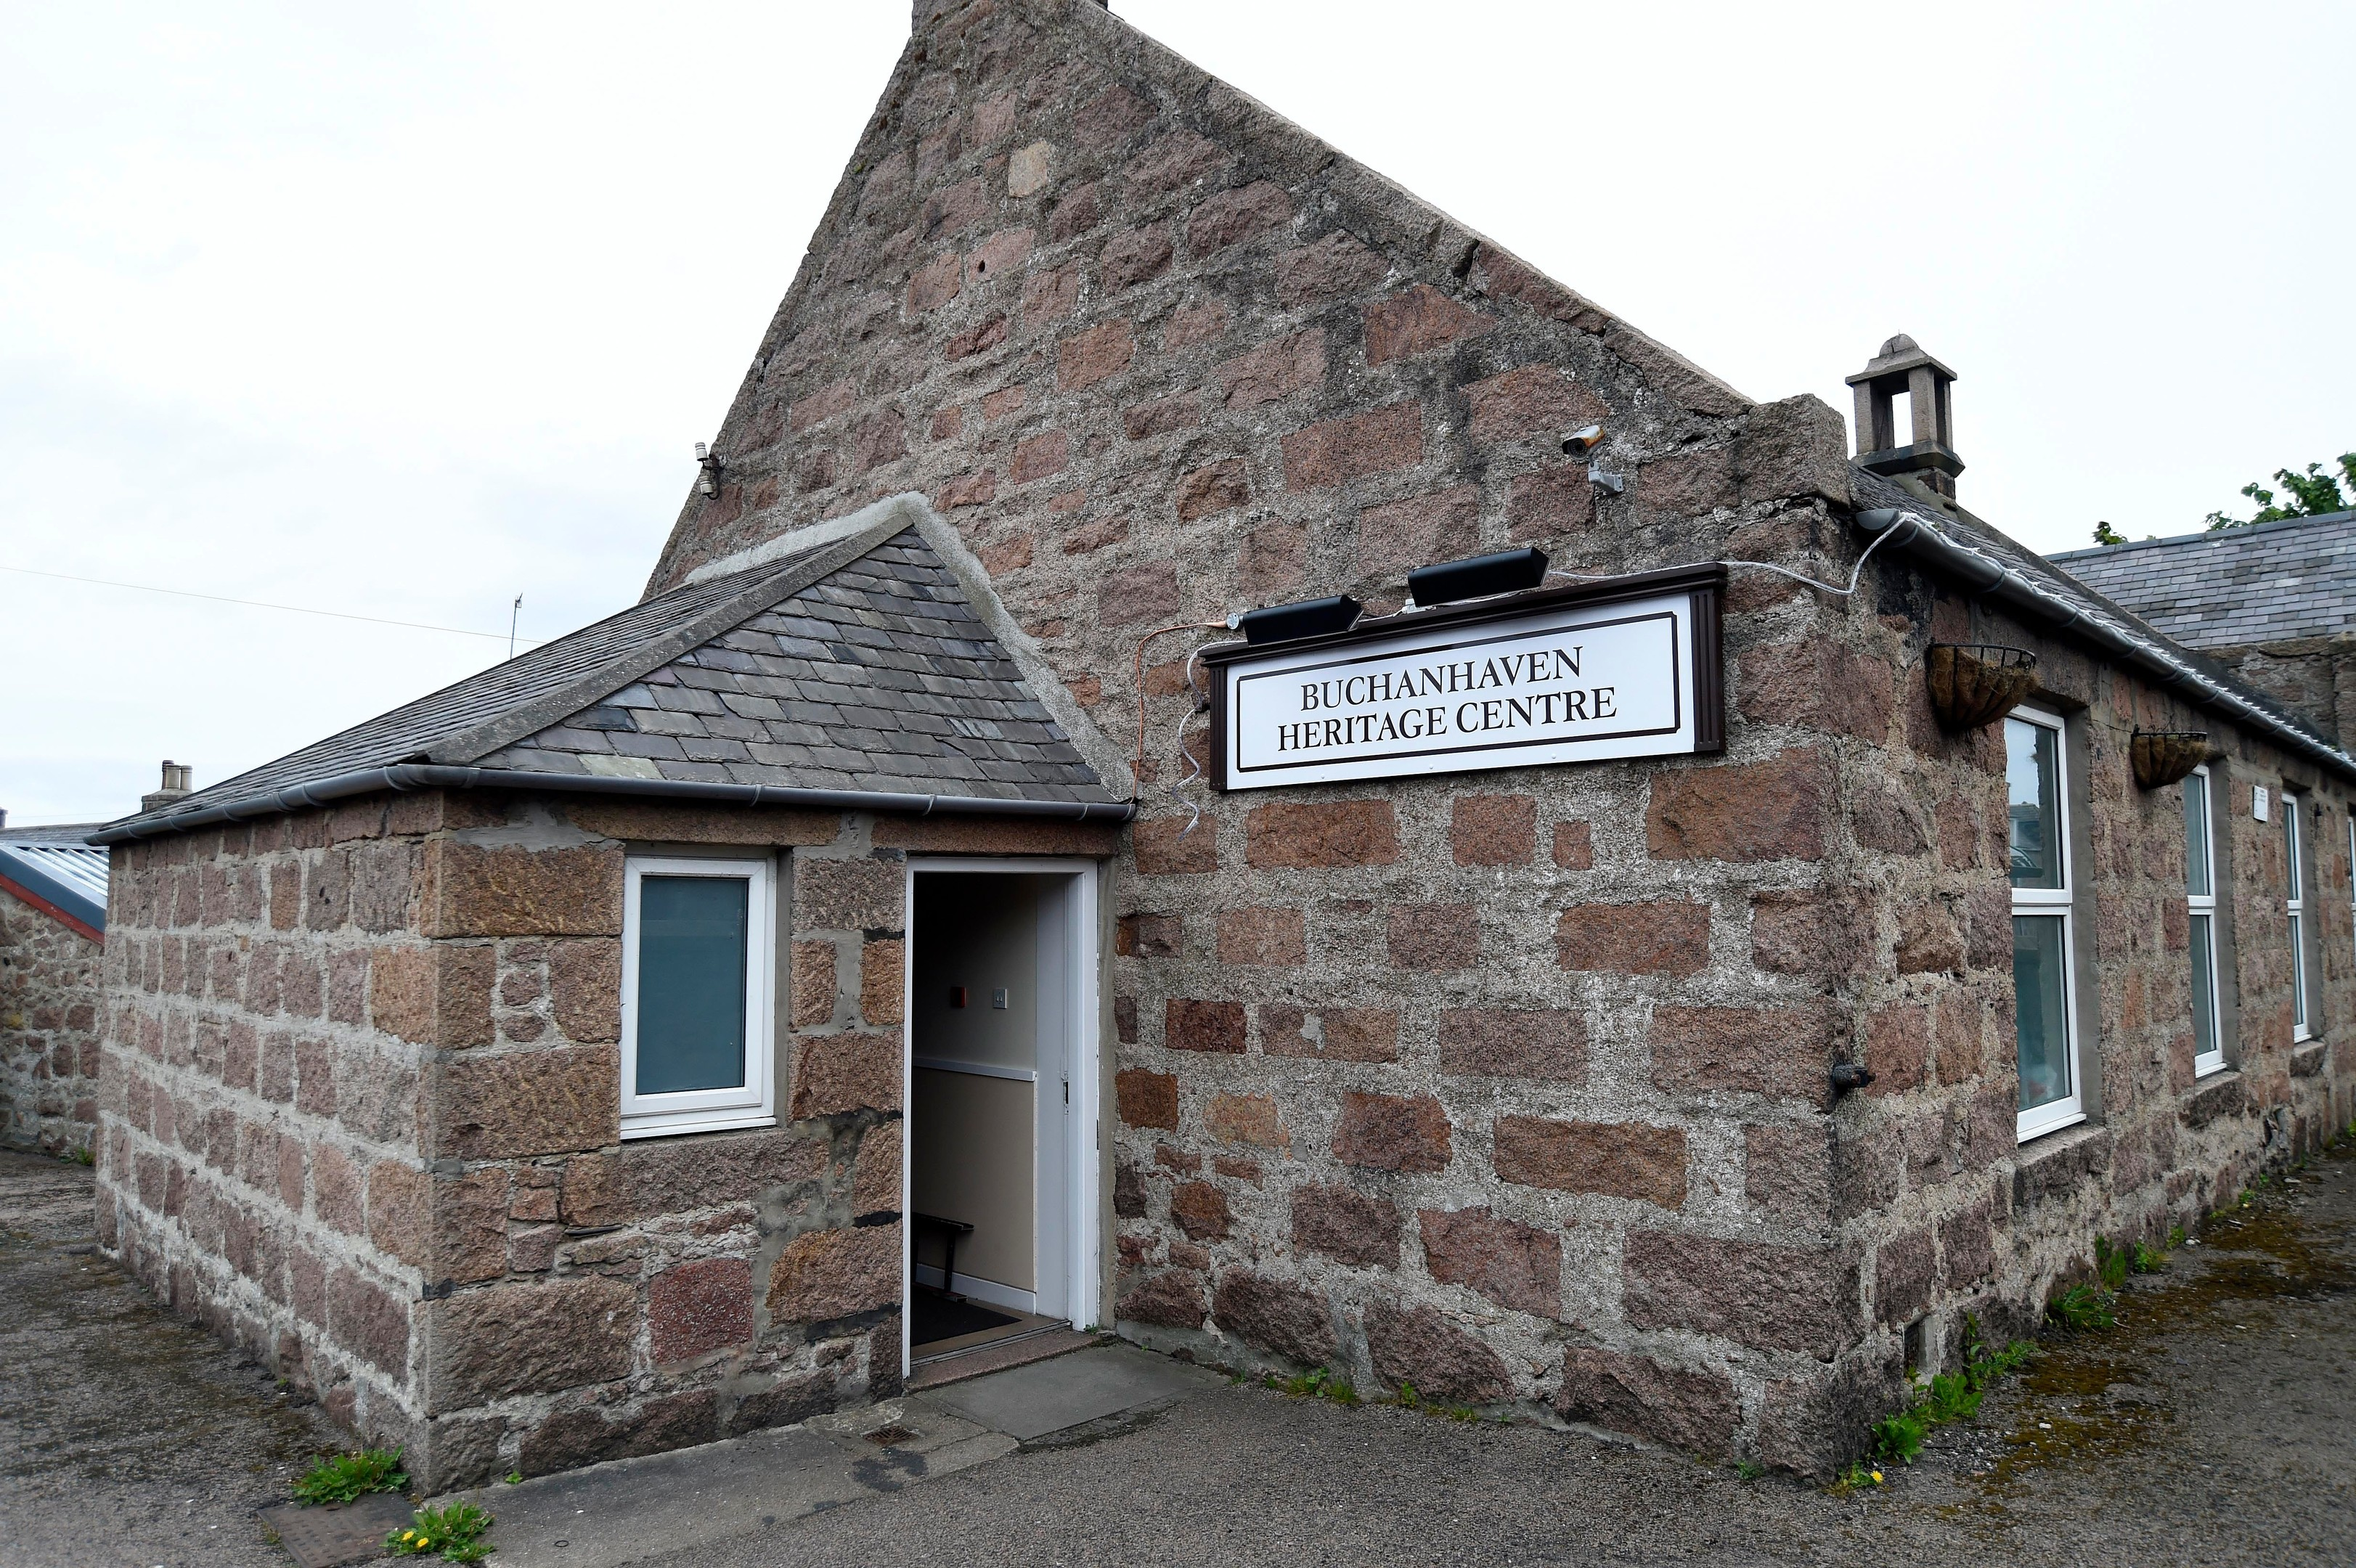 Buchanhaven Heritage Centre